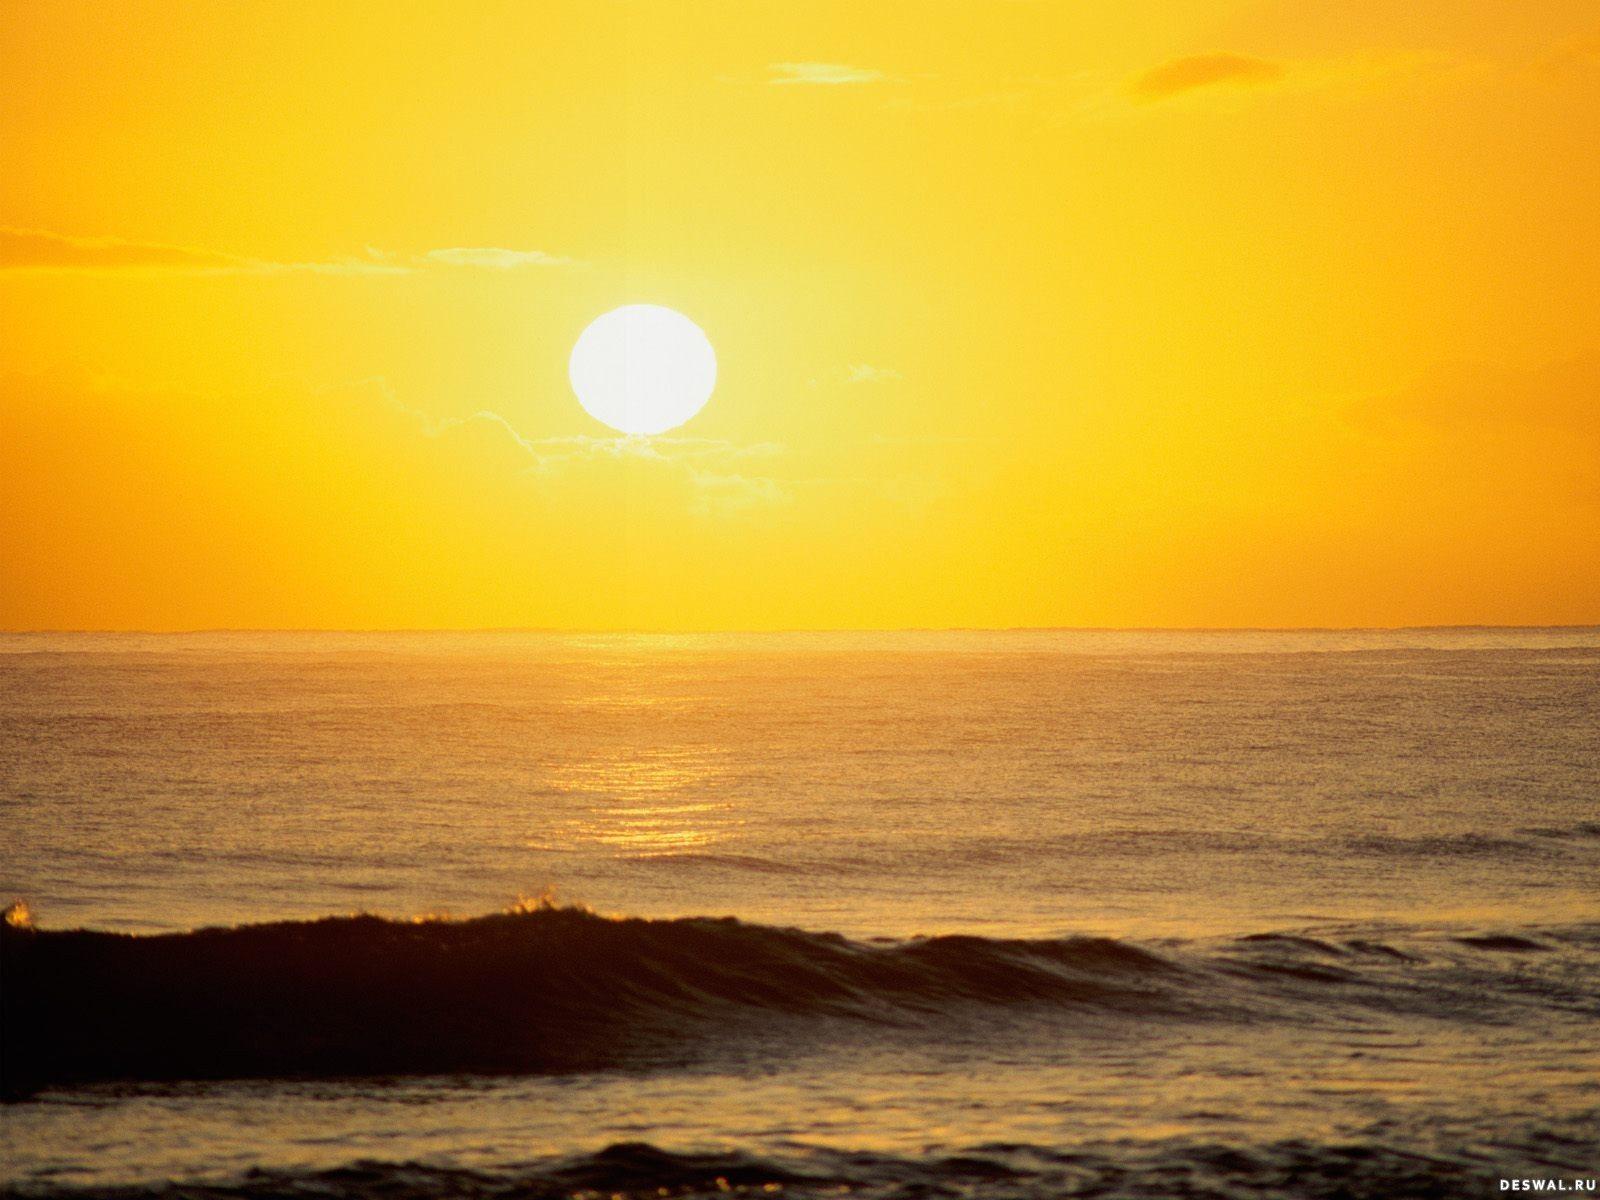 Фото 76.. Нажмите на картинку с обоями природы - пляж, чтобы просмотреть ее в реальном размере